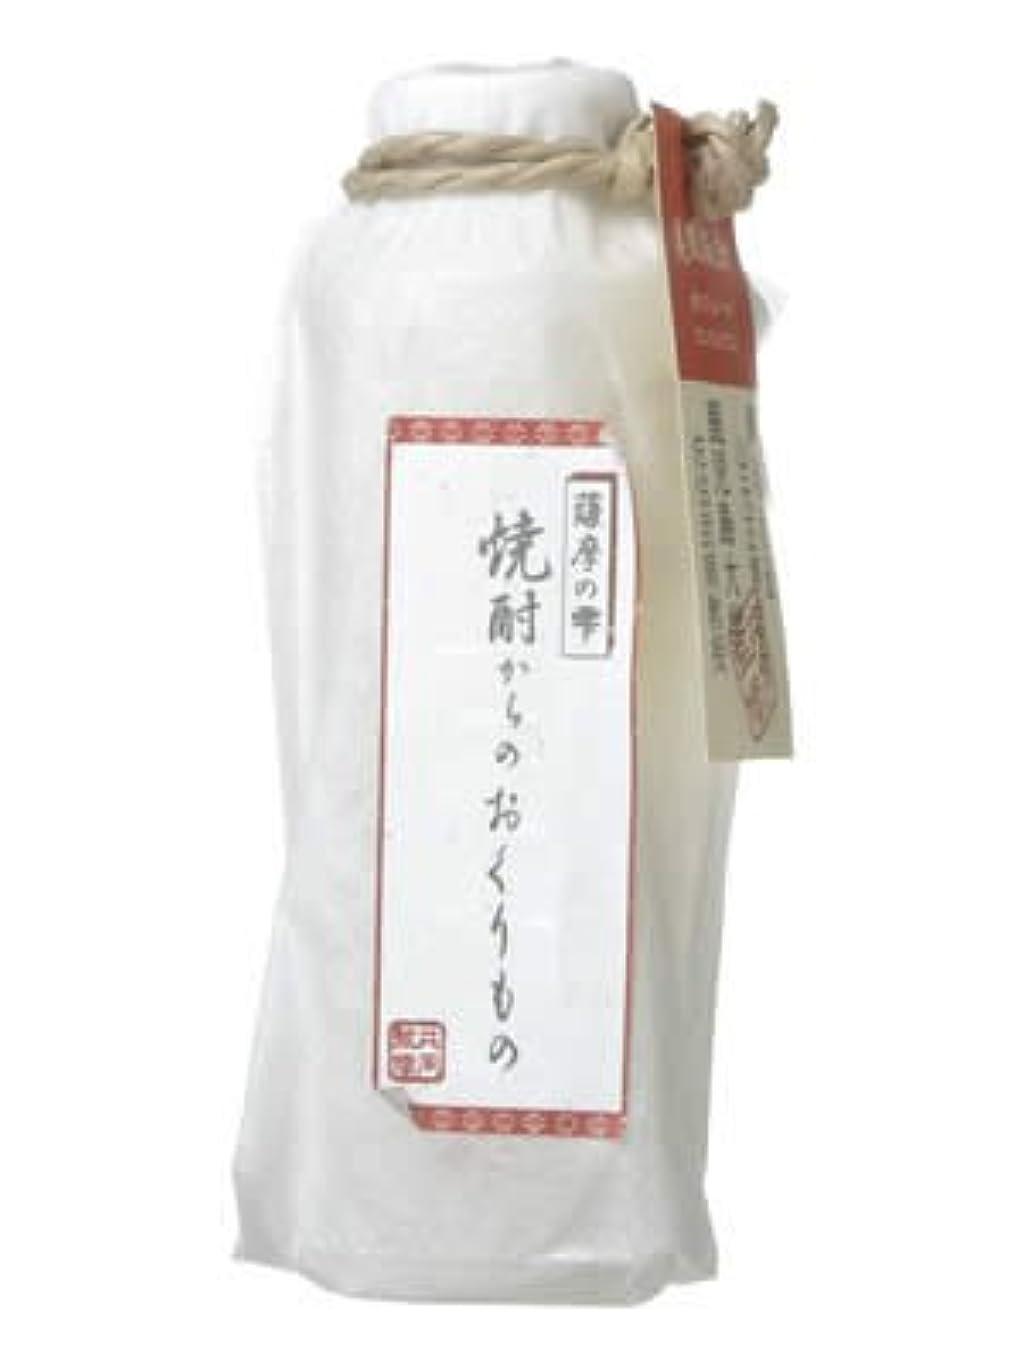 食堂圧力優しい薩摩の雫 美容液(焼酎からのおくりもの) 200ml